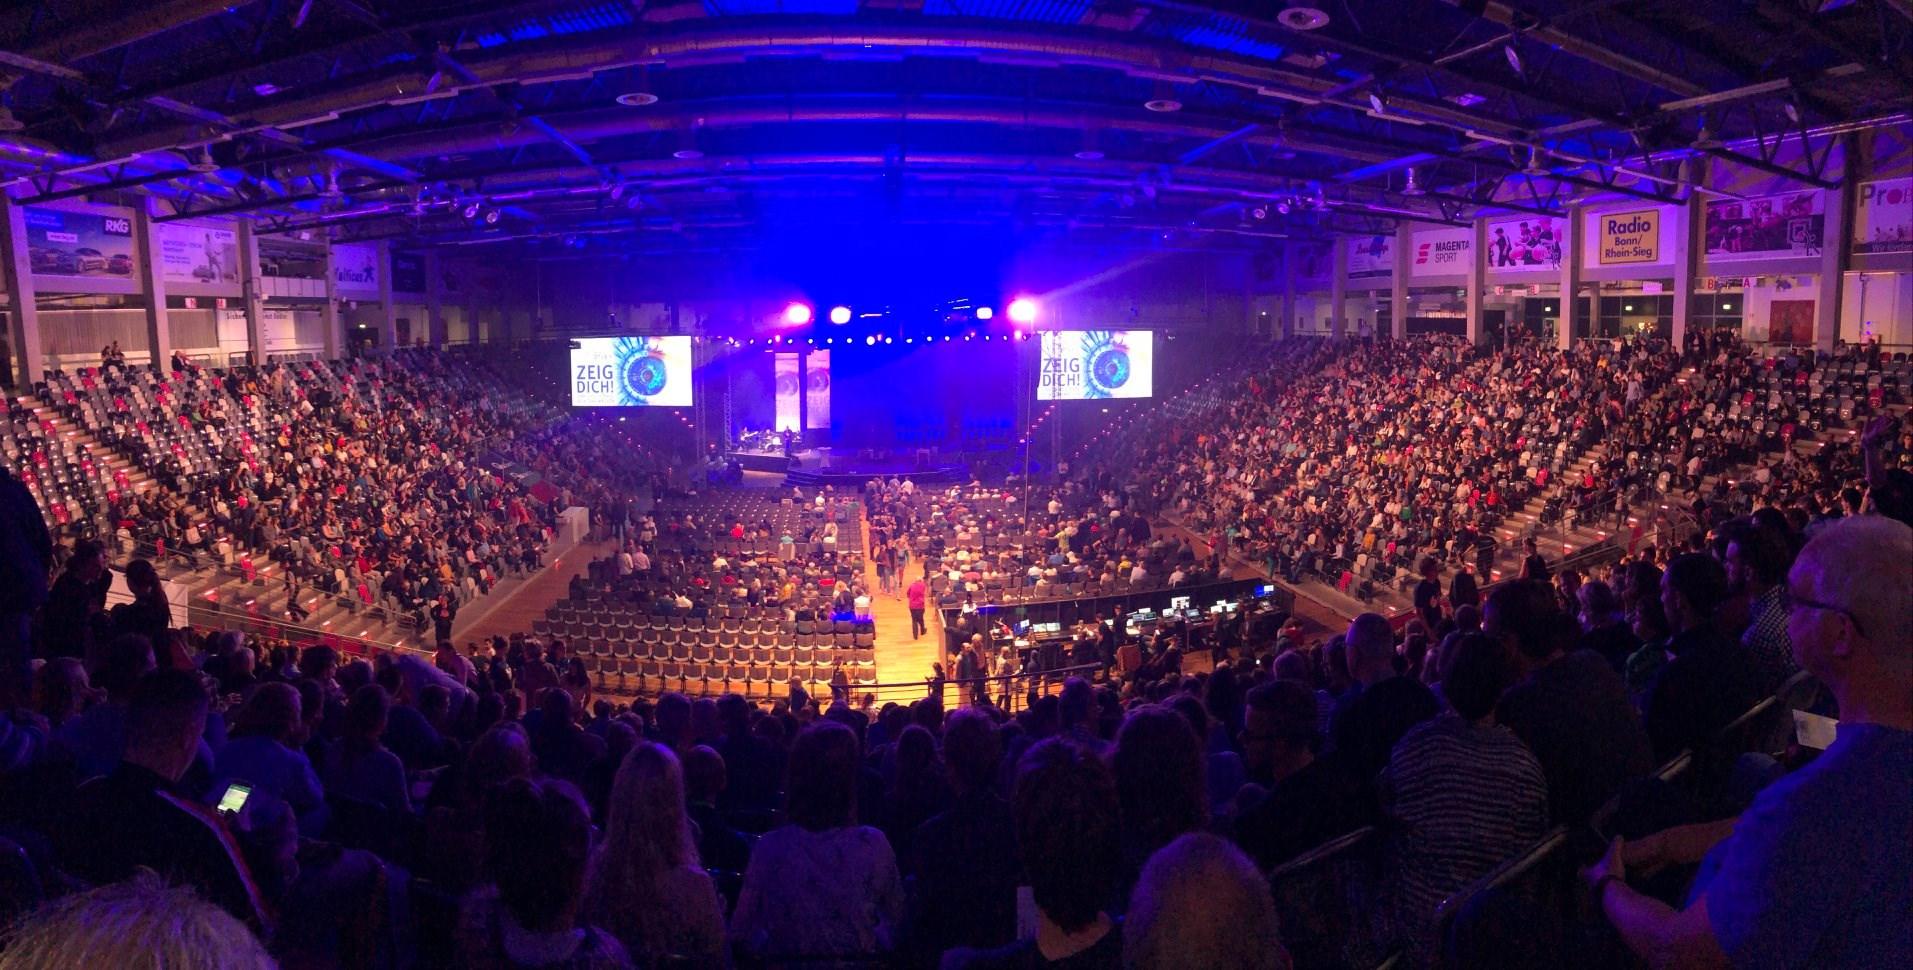 5.000 Zuschauer im Telekom Dome